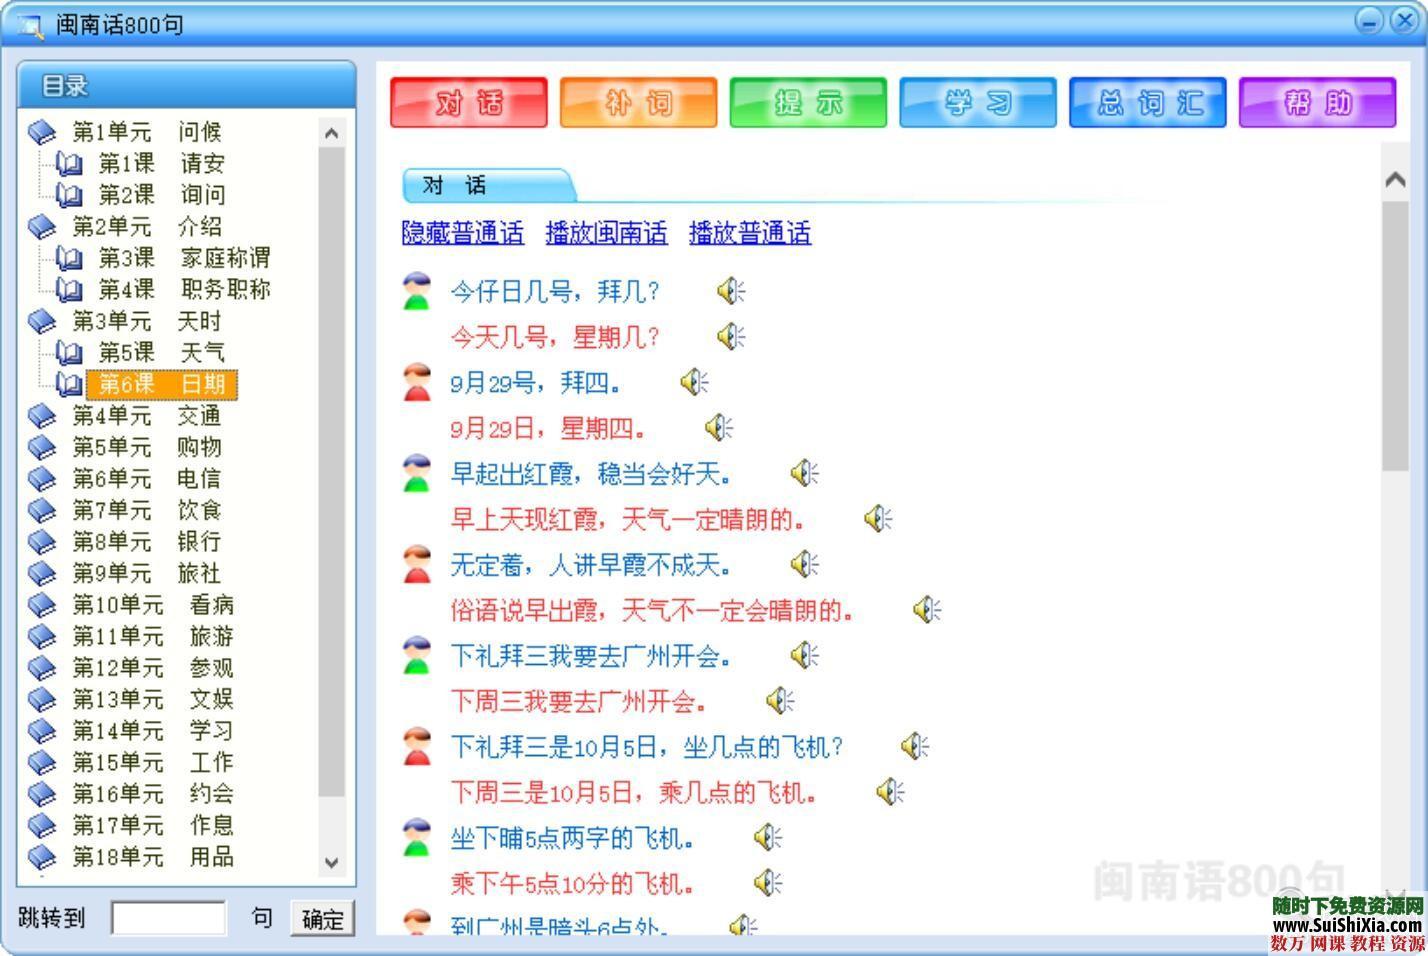 零基础闽南语泉州话厦门话台湾话教程资料全套大量MP3教学速成软件800句 第15张